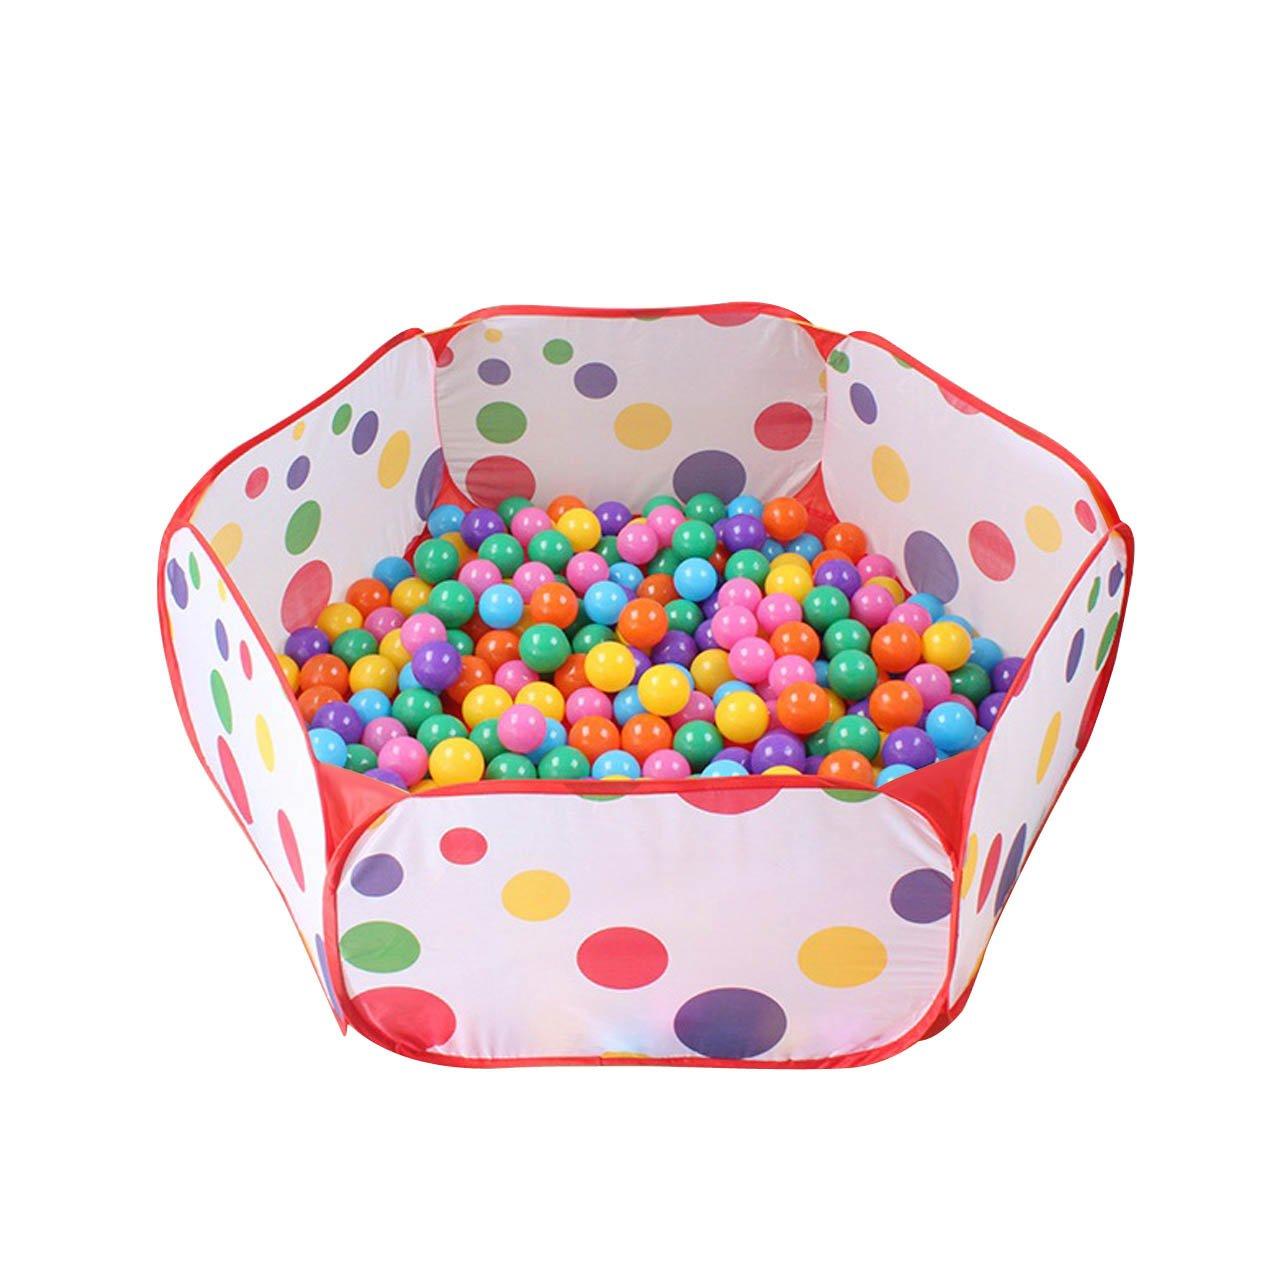 Piscine di palline giochi e giocattoli for Amazon piscinas infantiles